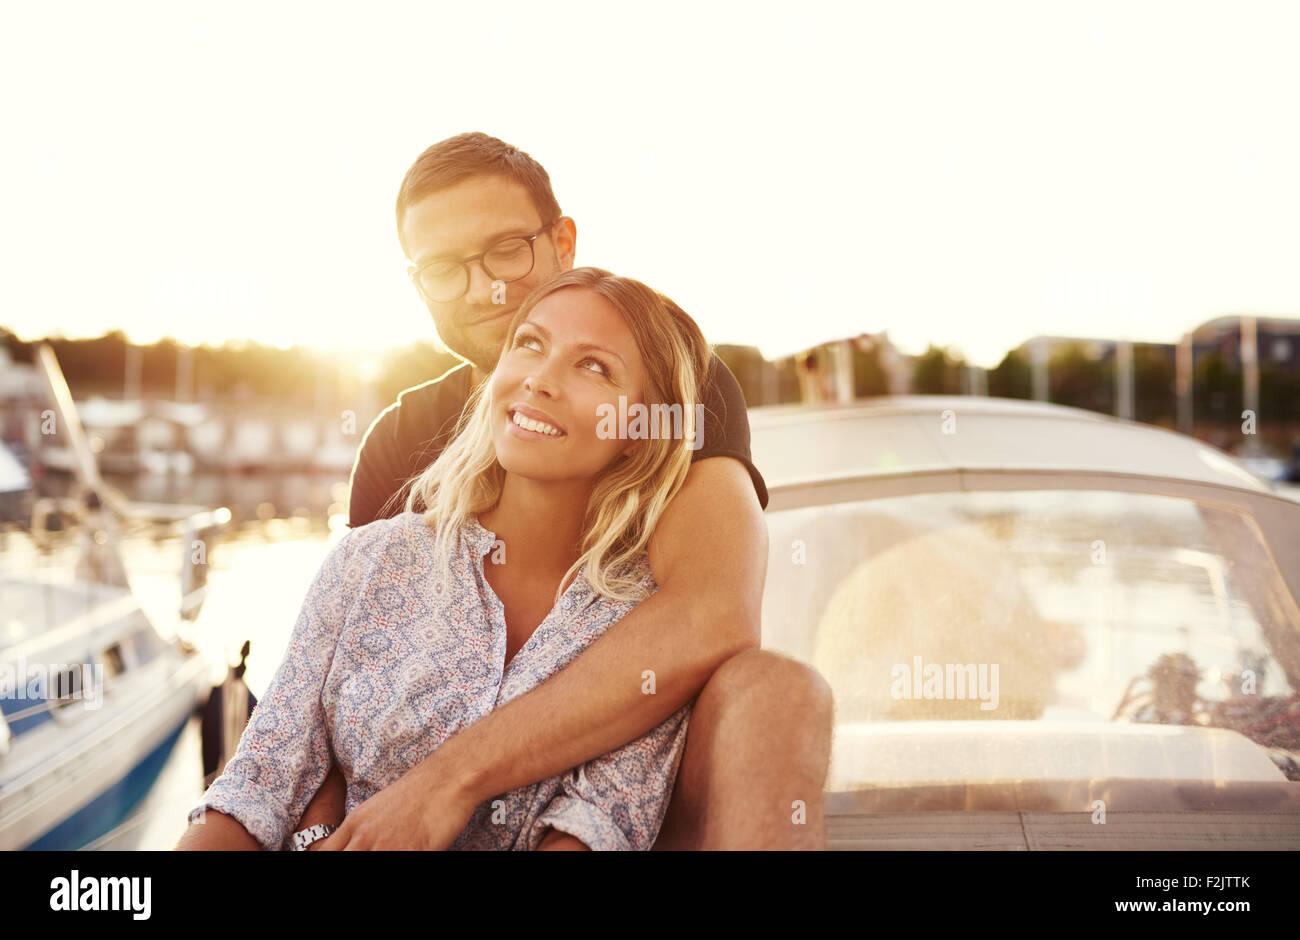 Coppia felice su una barca per godersi la vita mentre In amore Immagini Stock